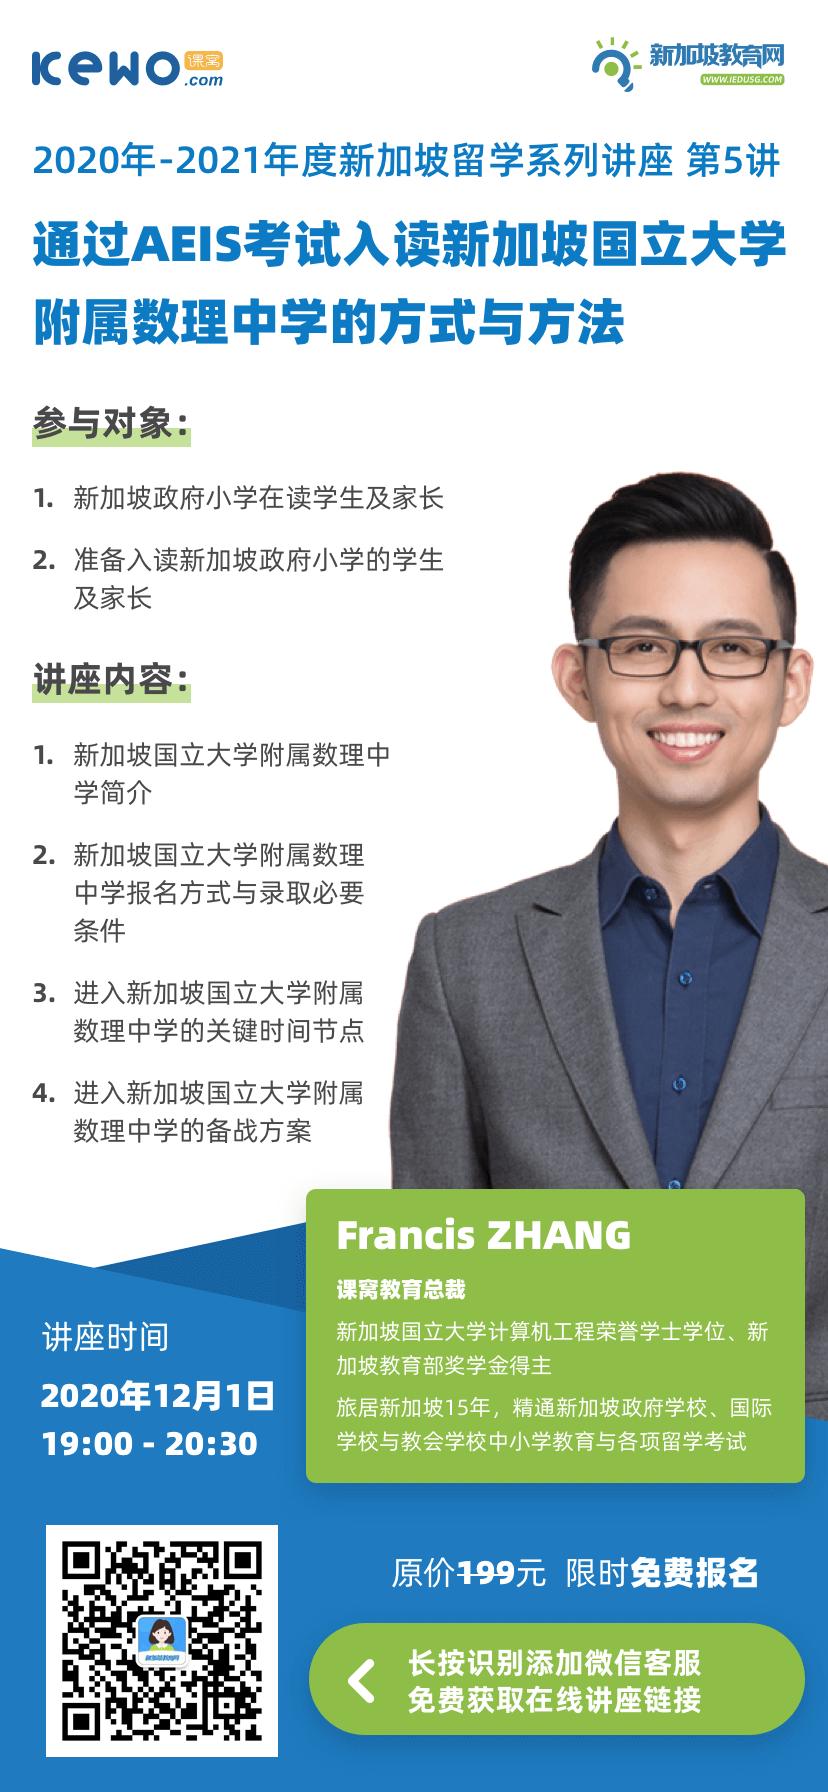 通过AEIS考试入读新加坡国立大学附属数理中学的方式与方法